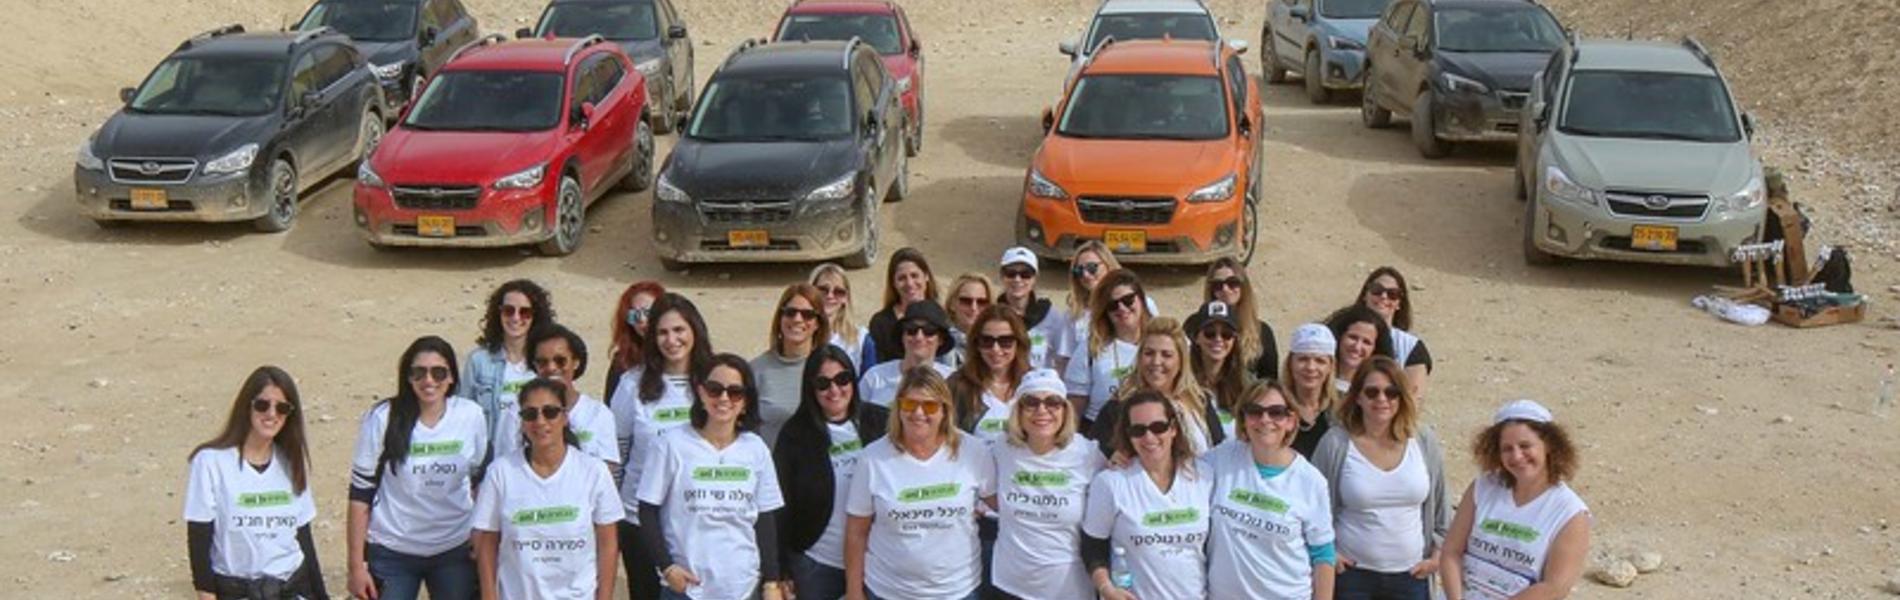 מסע במדבר עם נשים שעושות שינוי ומשפיעות על היום יום של כולנו